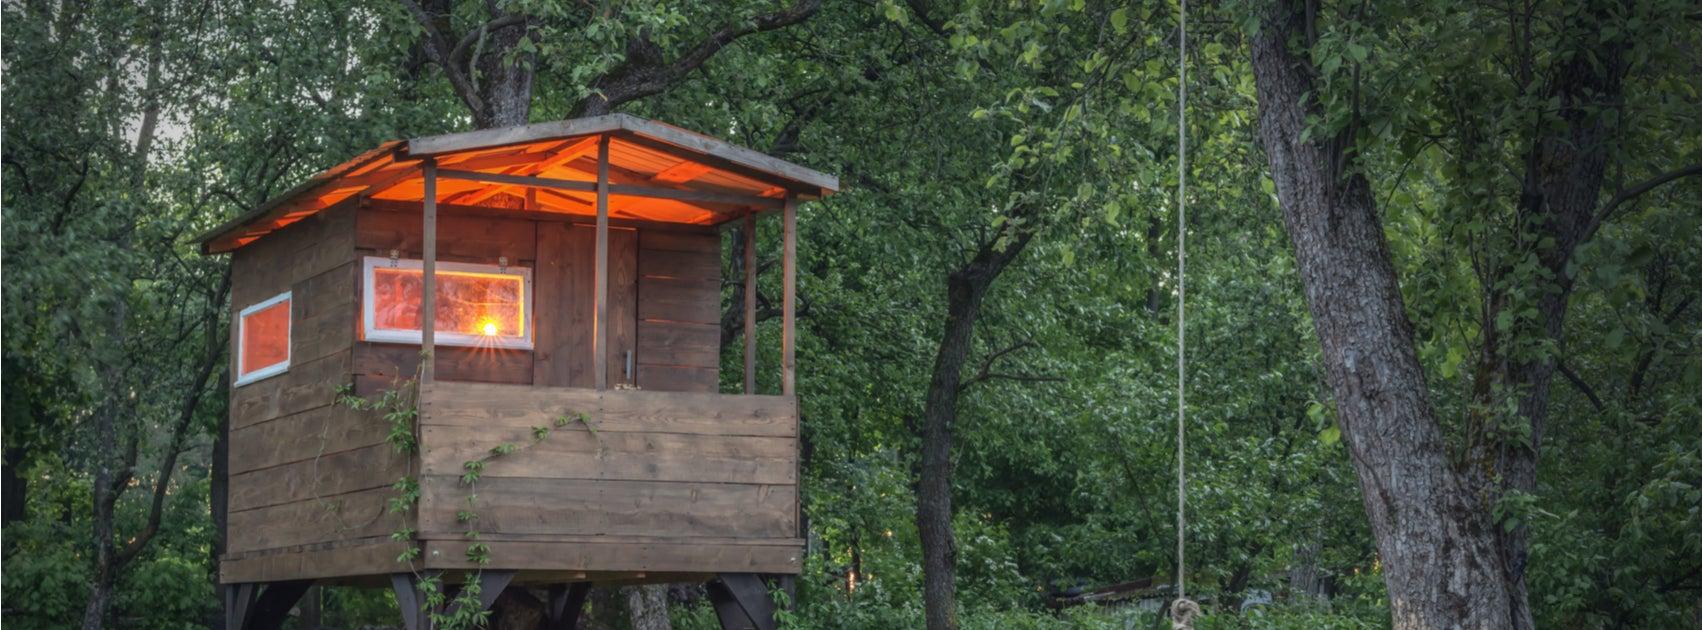 10 casitas de madera para ni os la combinaci n perfecta - Casita con tobogan para ninos ...